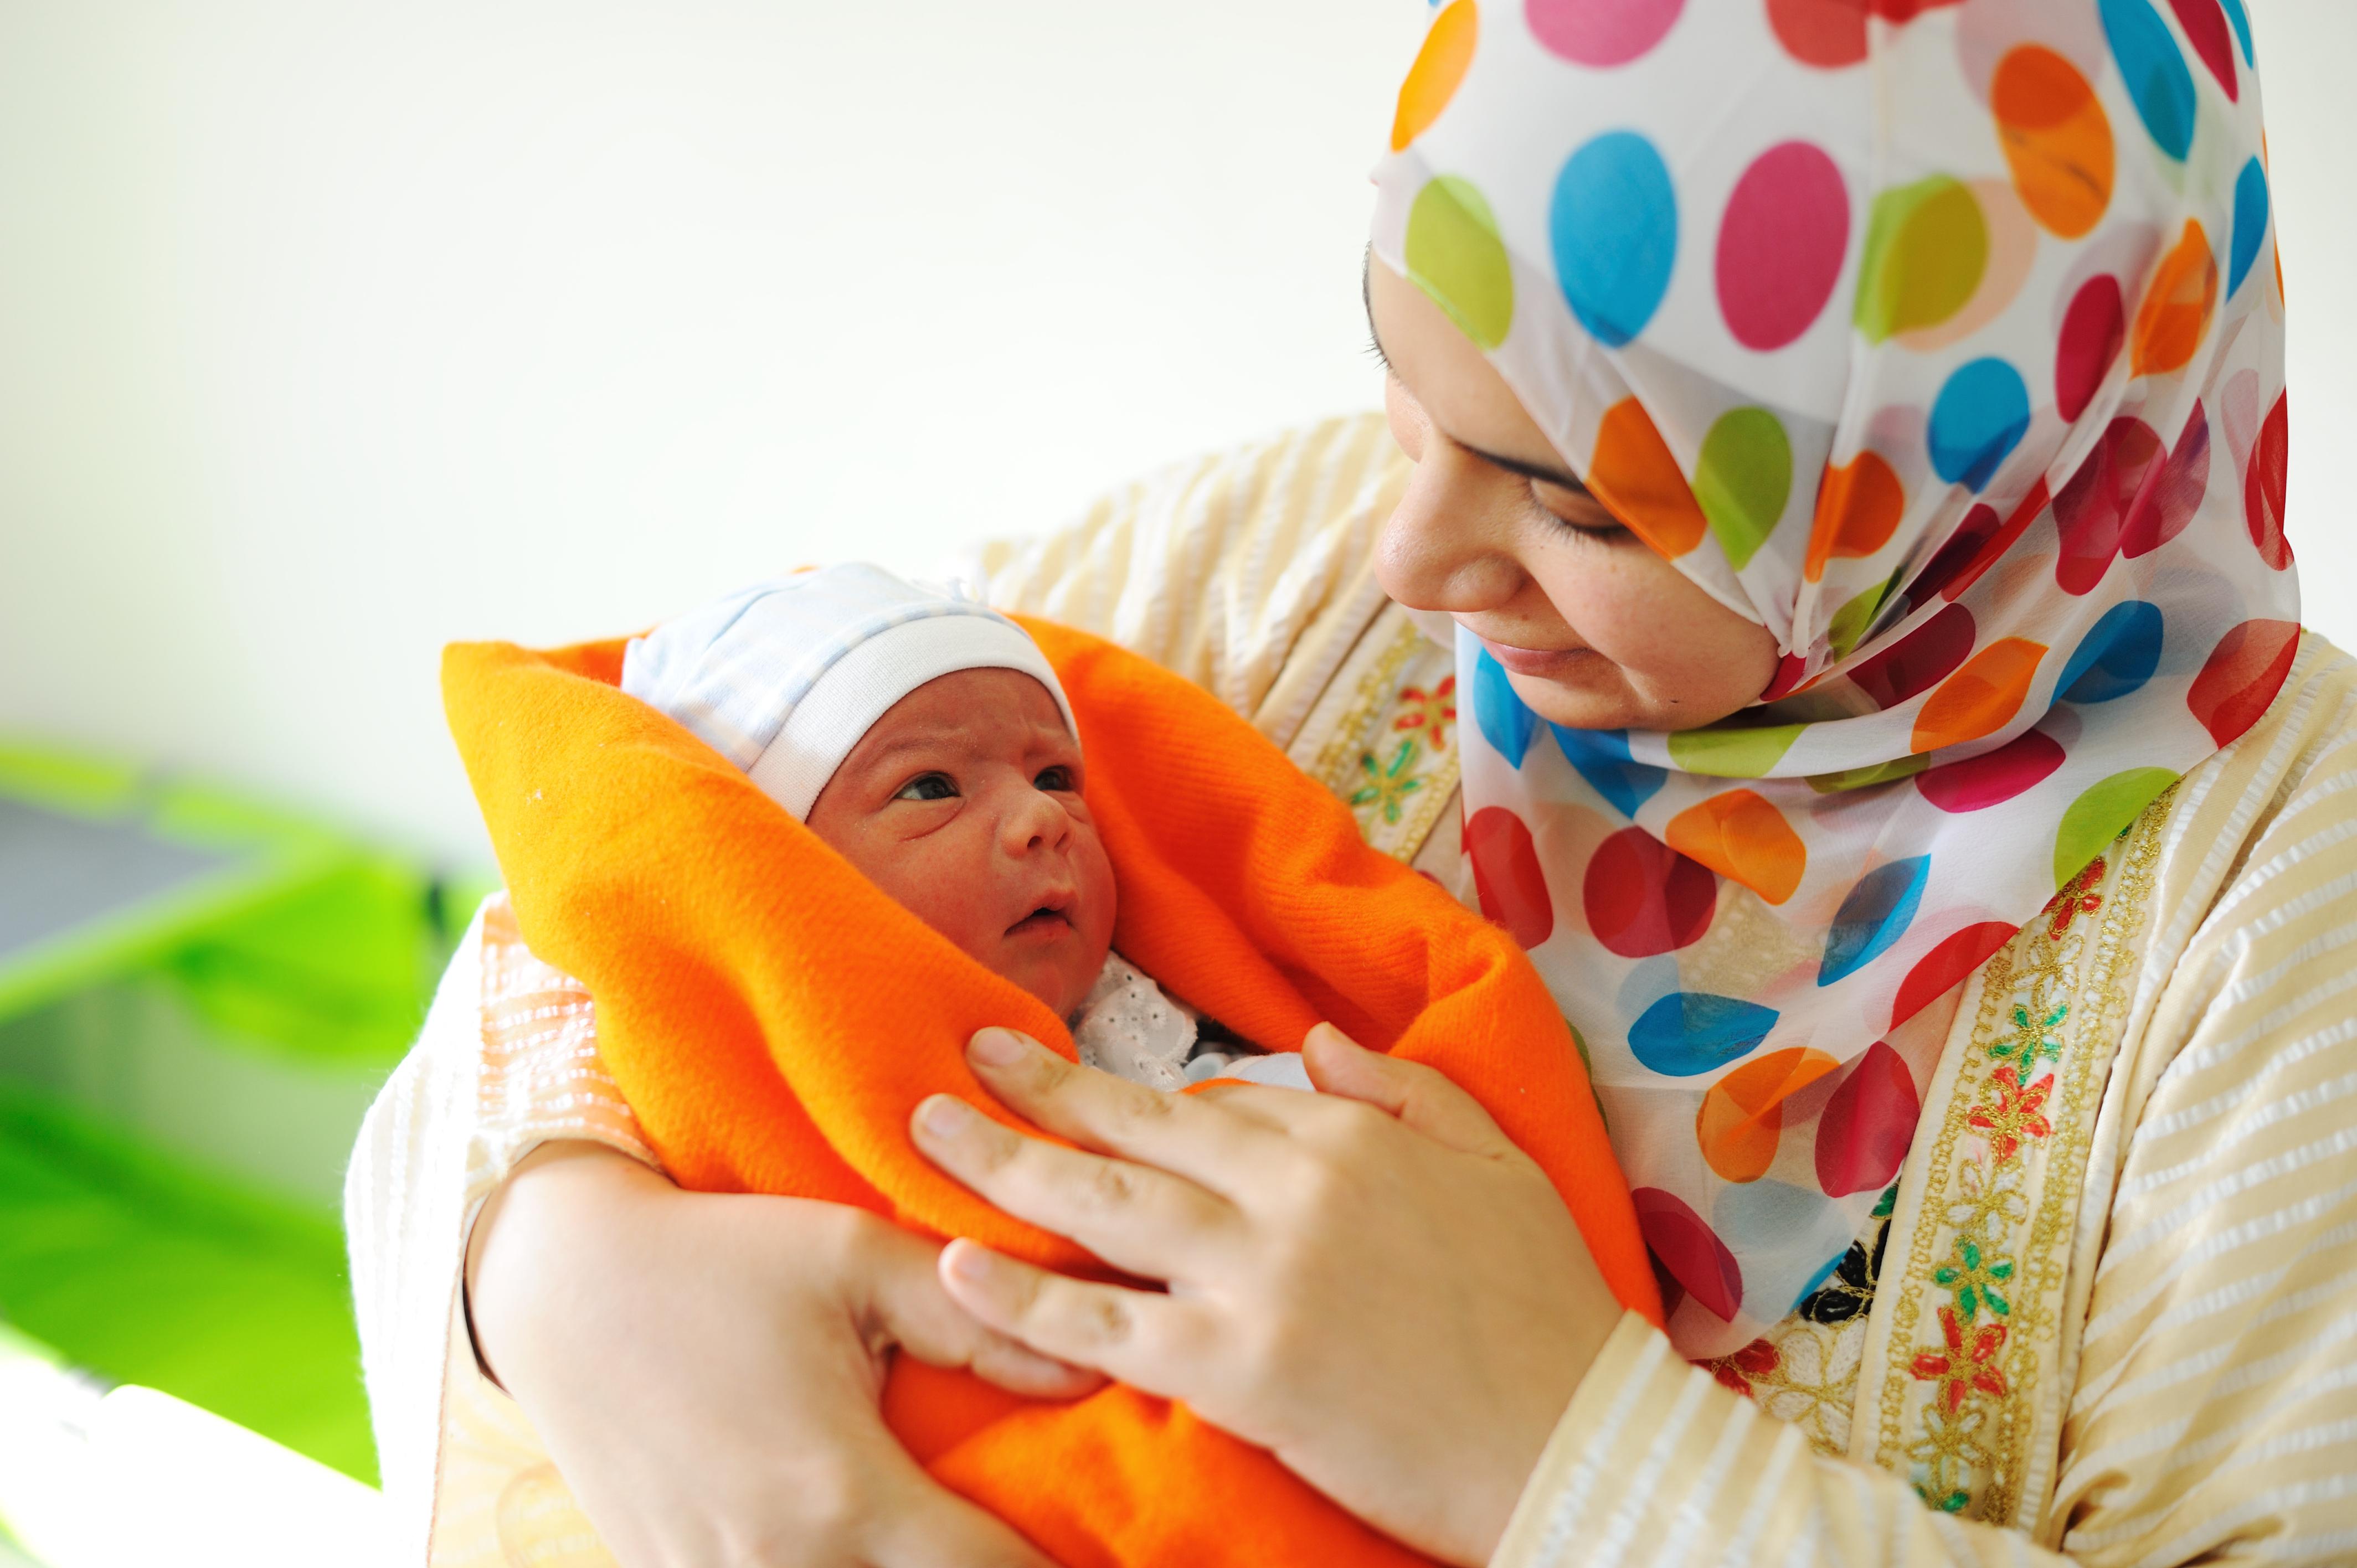 Studien tyder på att beröring är något som både prioriteras och är väldigt viktigt för nyfödda.